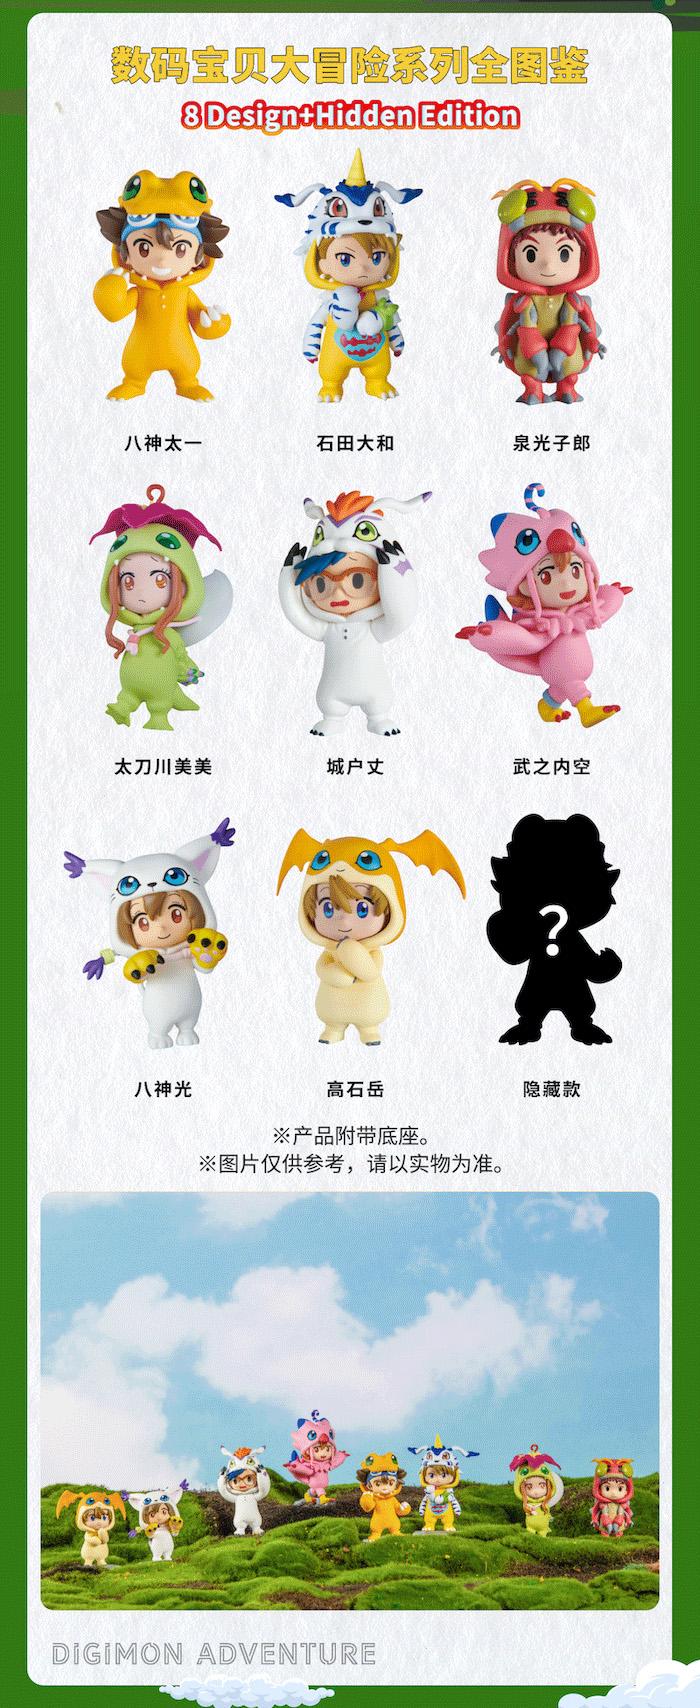 costumefigures10_june26_2021.jpg